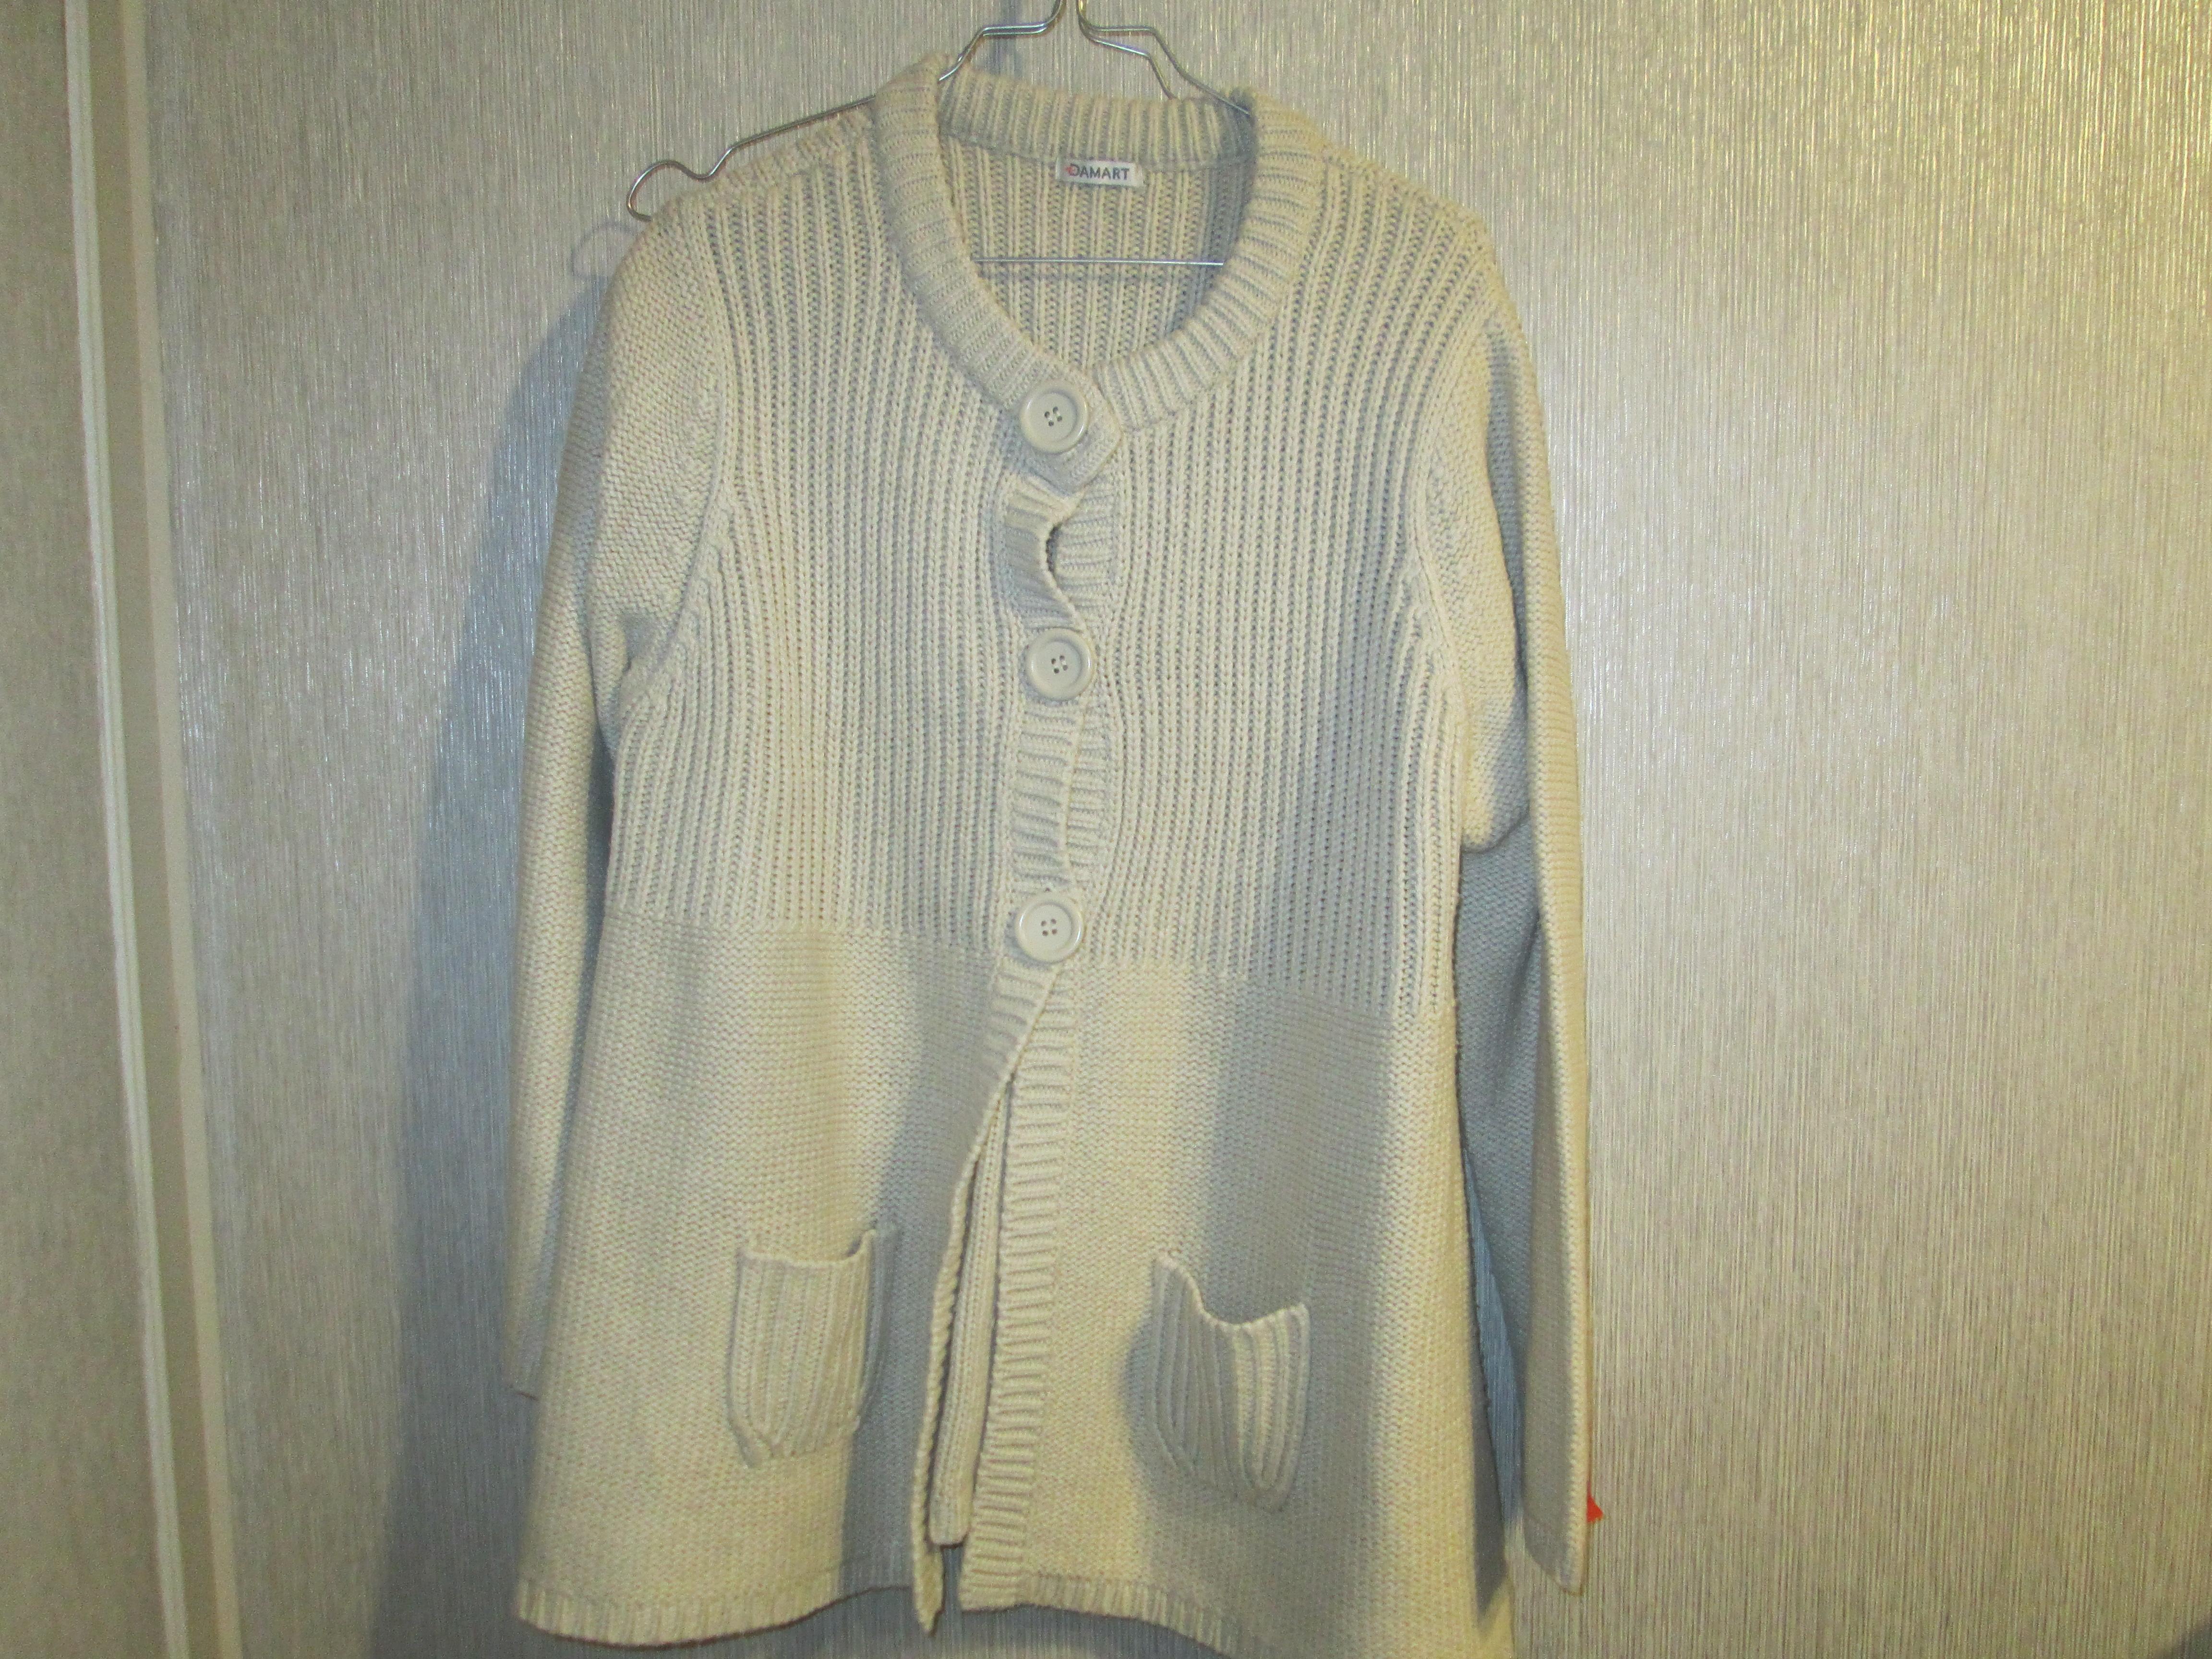 troc de troc reserve    veste de laine damard  taille 46/48 25 noisettes image 0